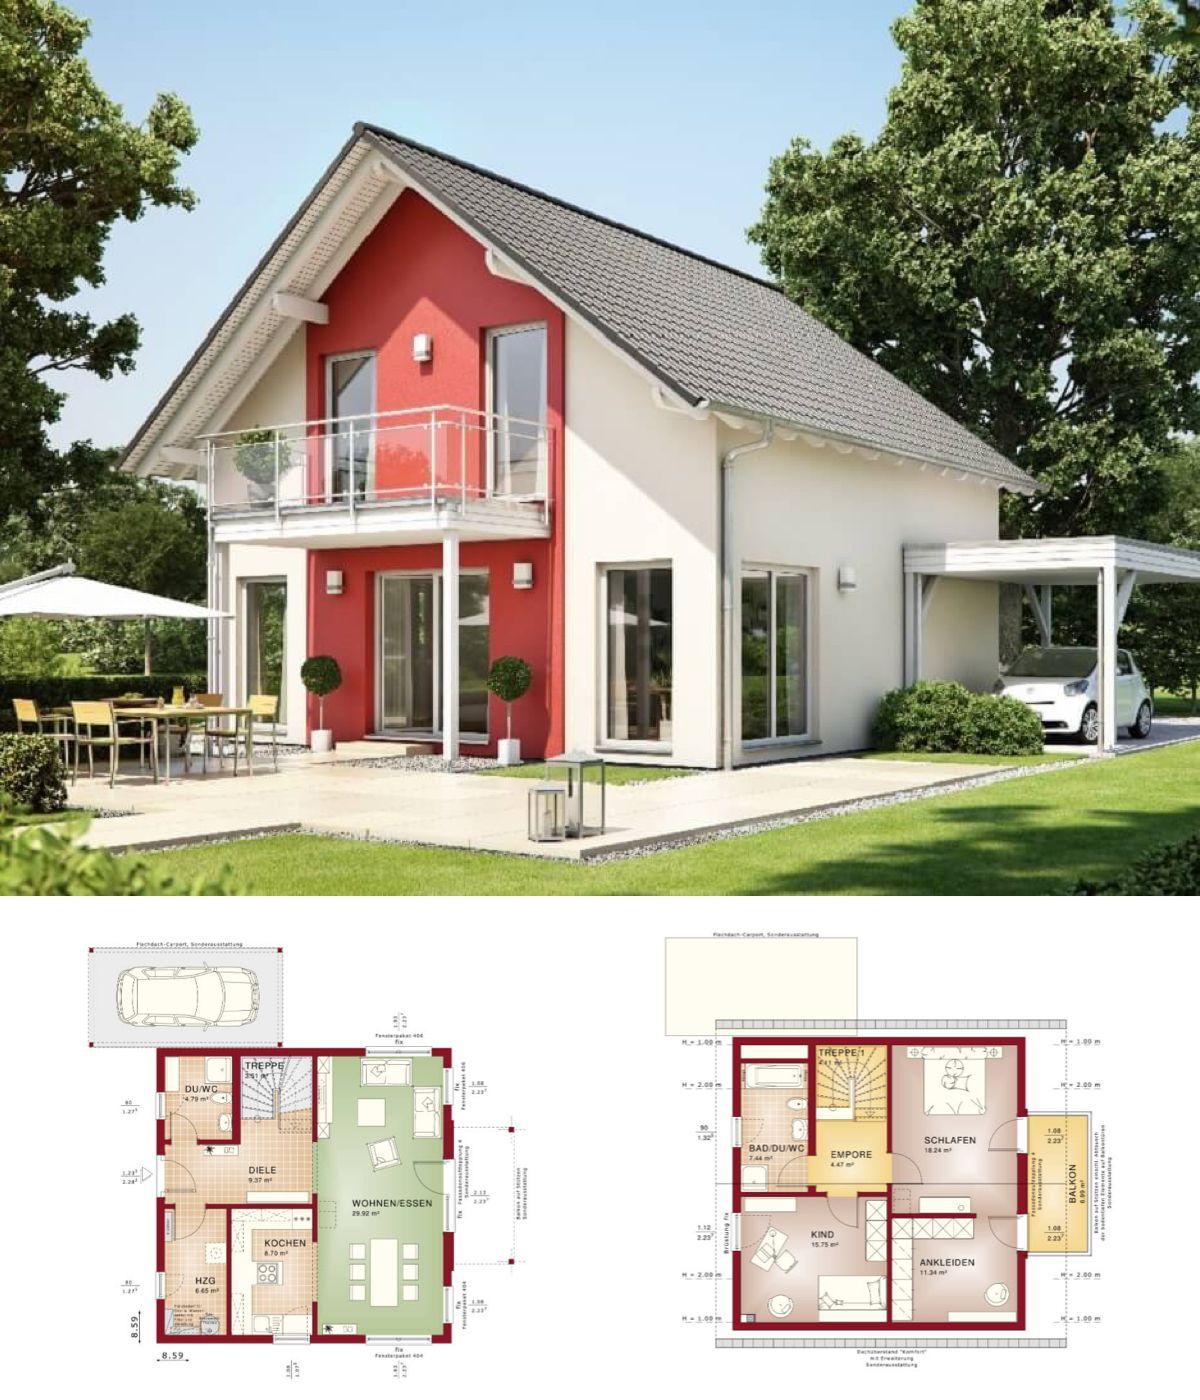 Einfamilienhaus modern satteldach grundriss  EINFAMILIENHAUS modern Satteldach - HAUS Solution 125 v5 Living ...